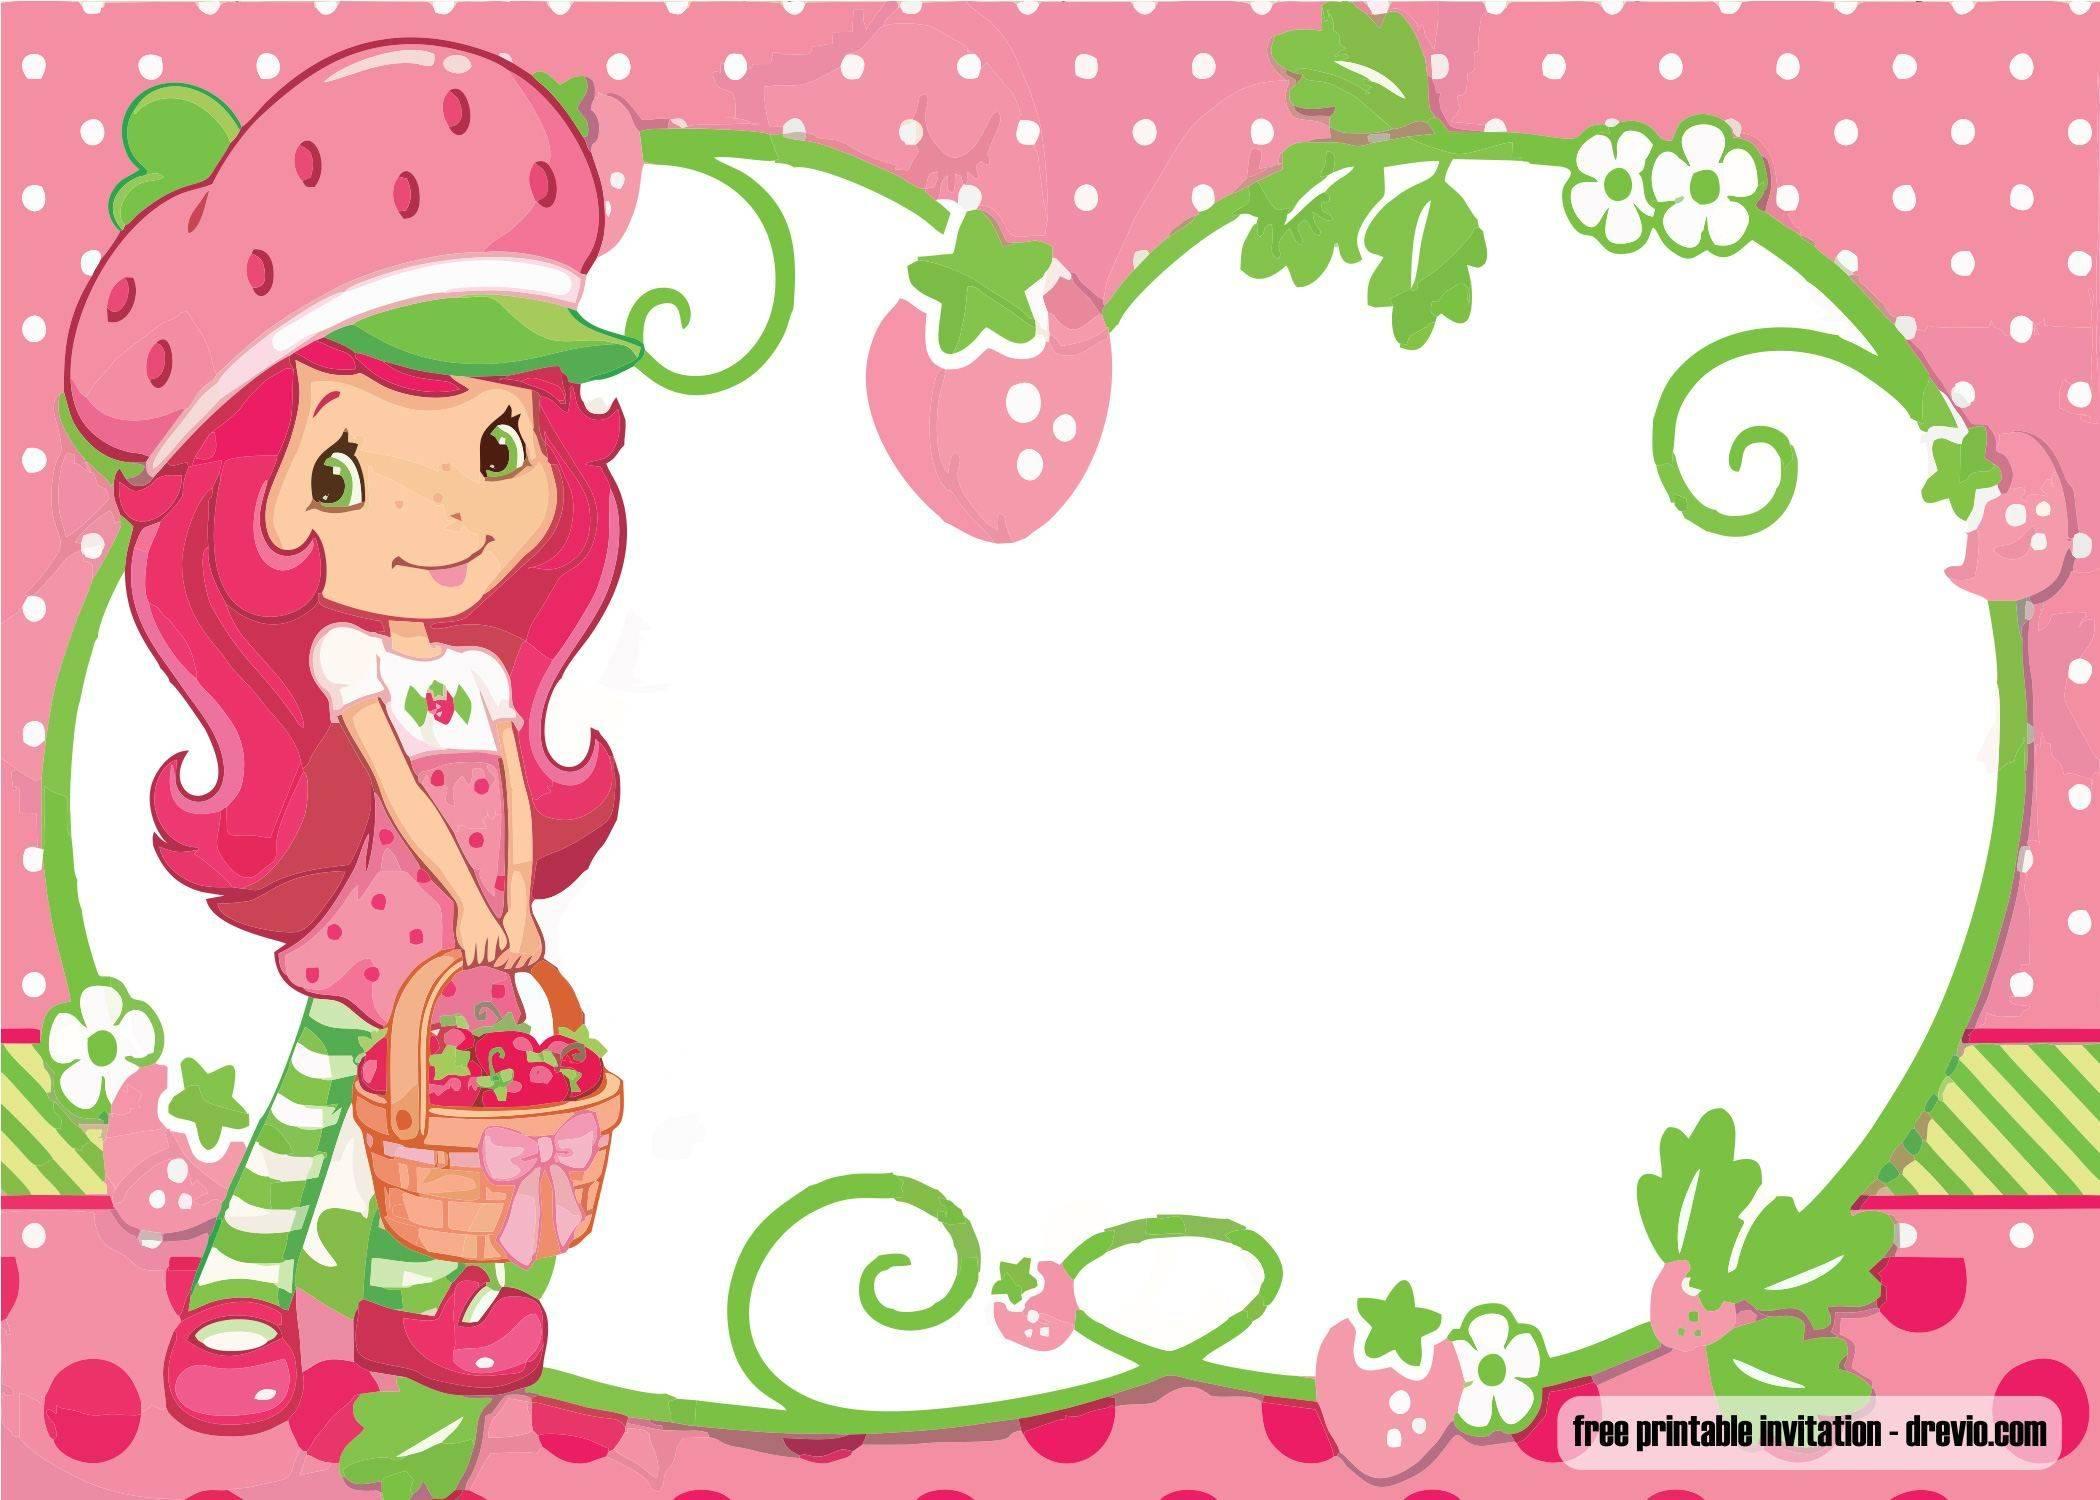 Strawberry Shortcake Invitation Template